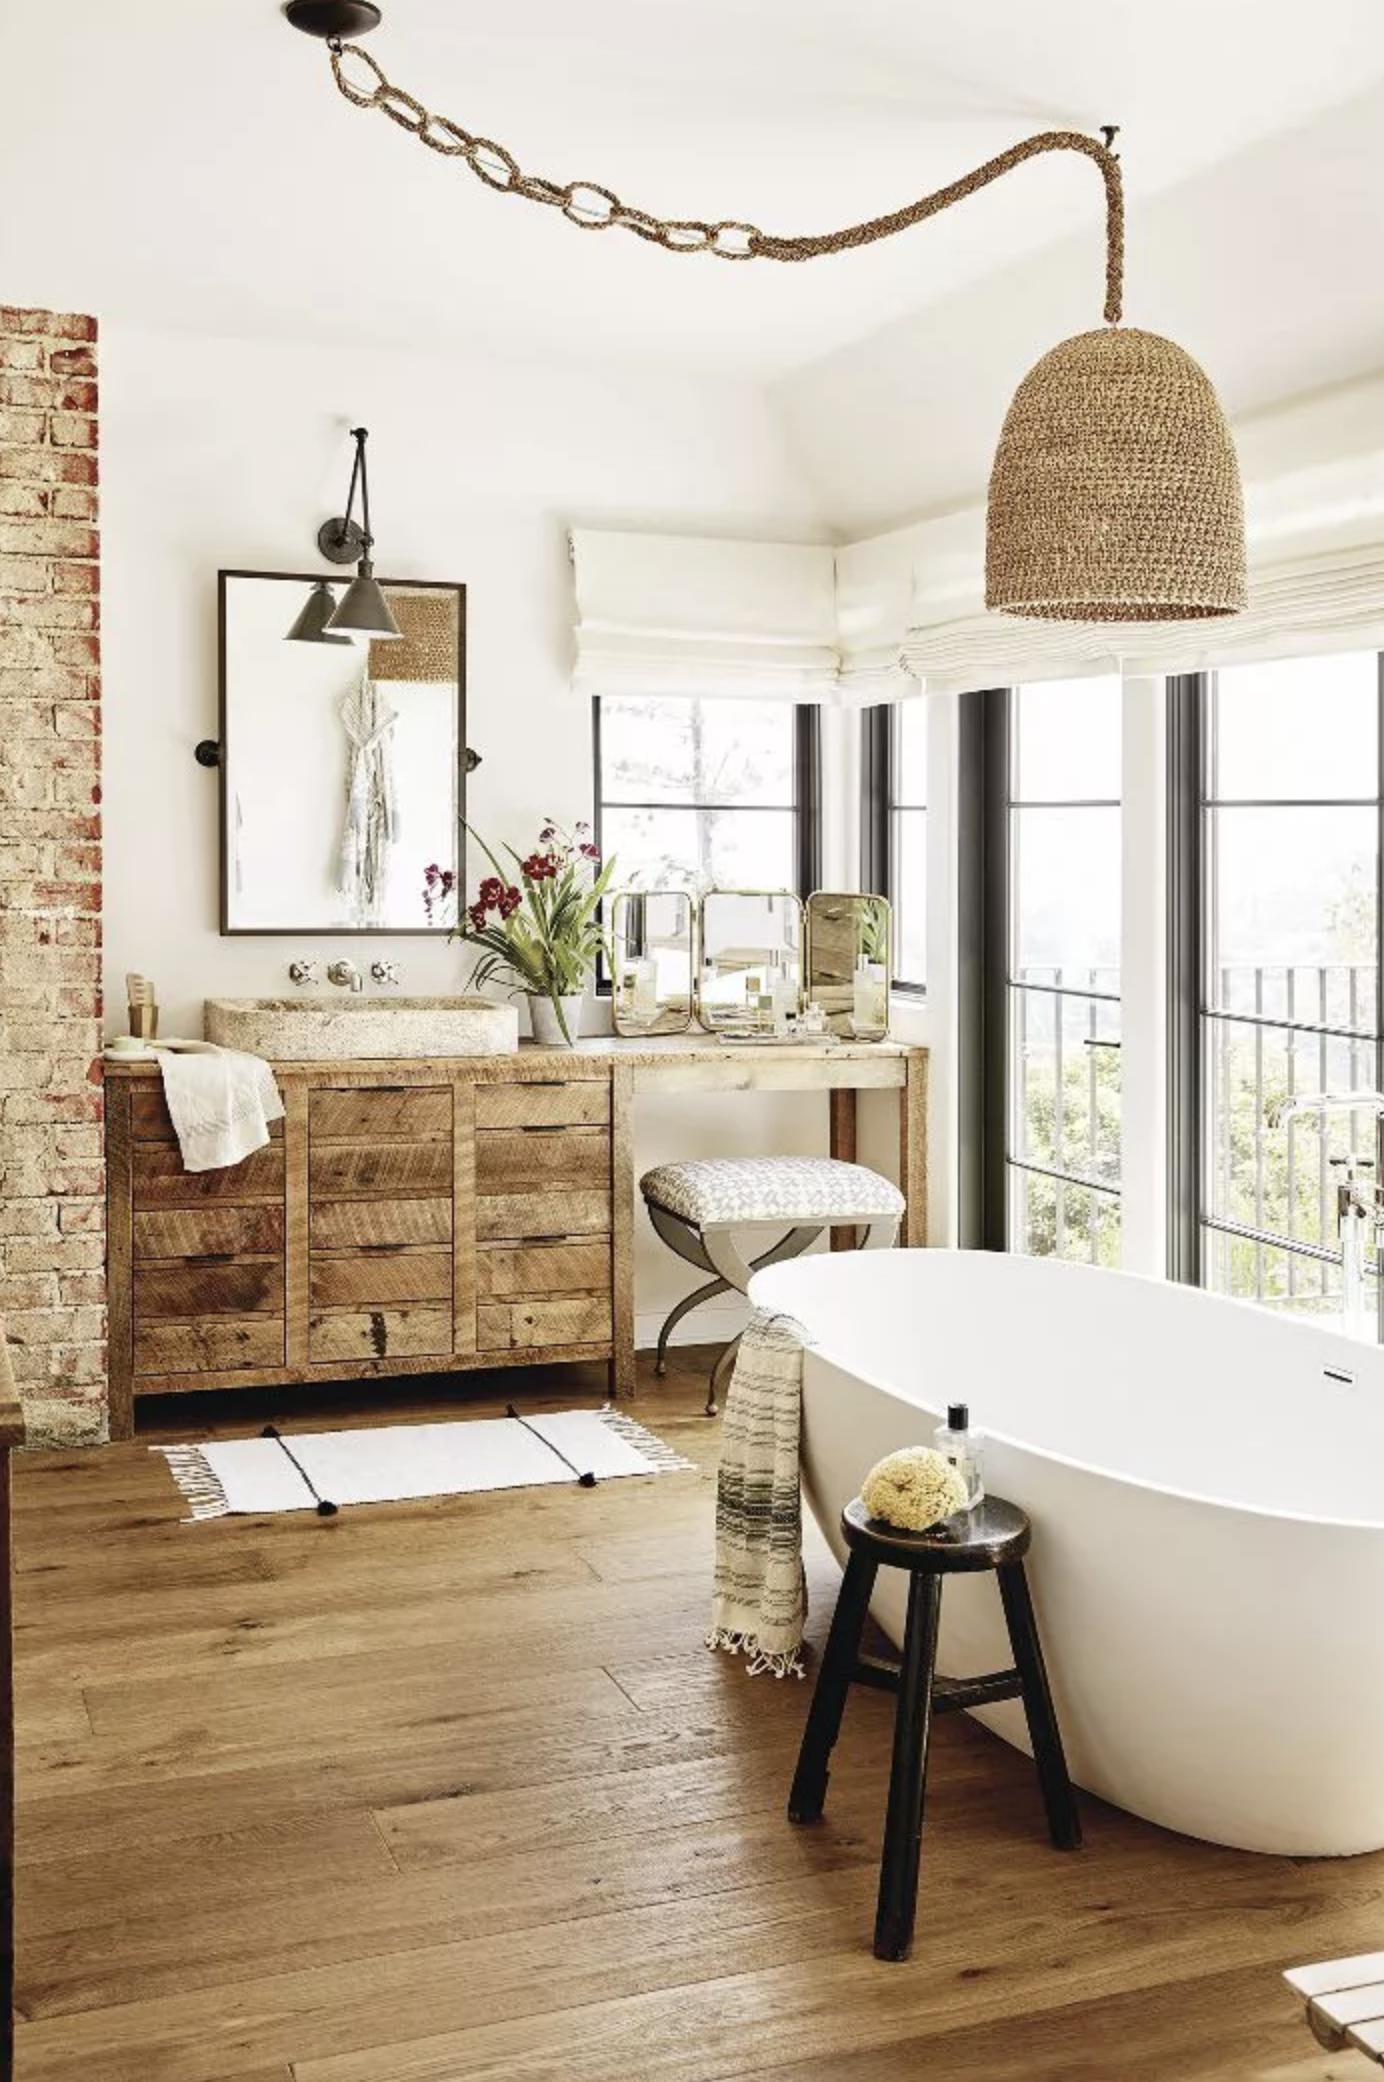 Modern farmhouse bathroom ideas.